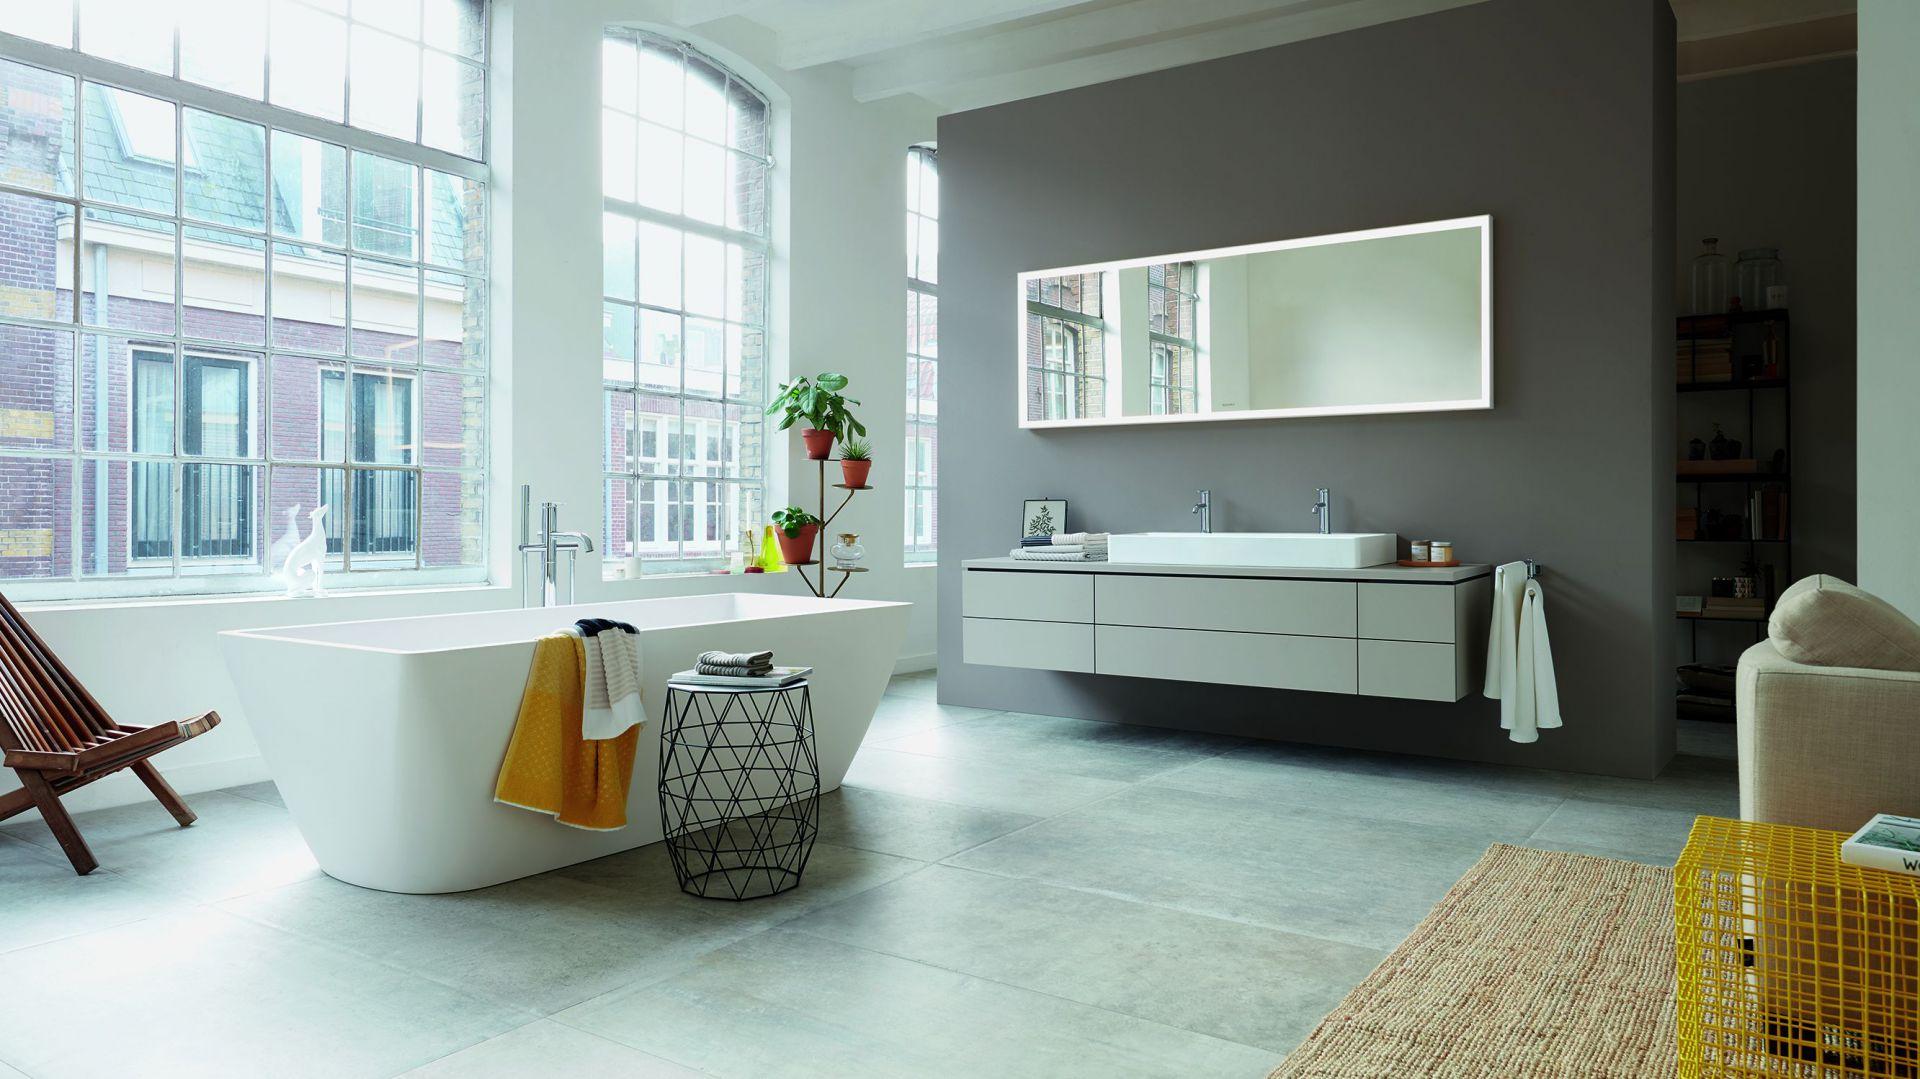 Architektoniczne wzornictwo umywalek i wanien, dzięki prostym, subtelnym kształtom i odpowiednim wymiarom zostało dopasowane do małych łazienek. Fot. Duravit